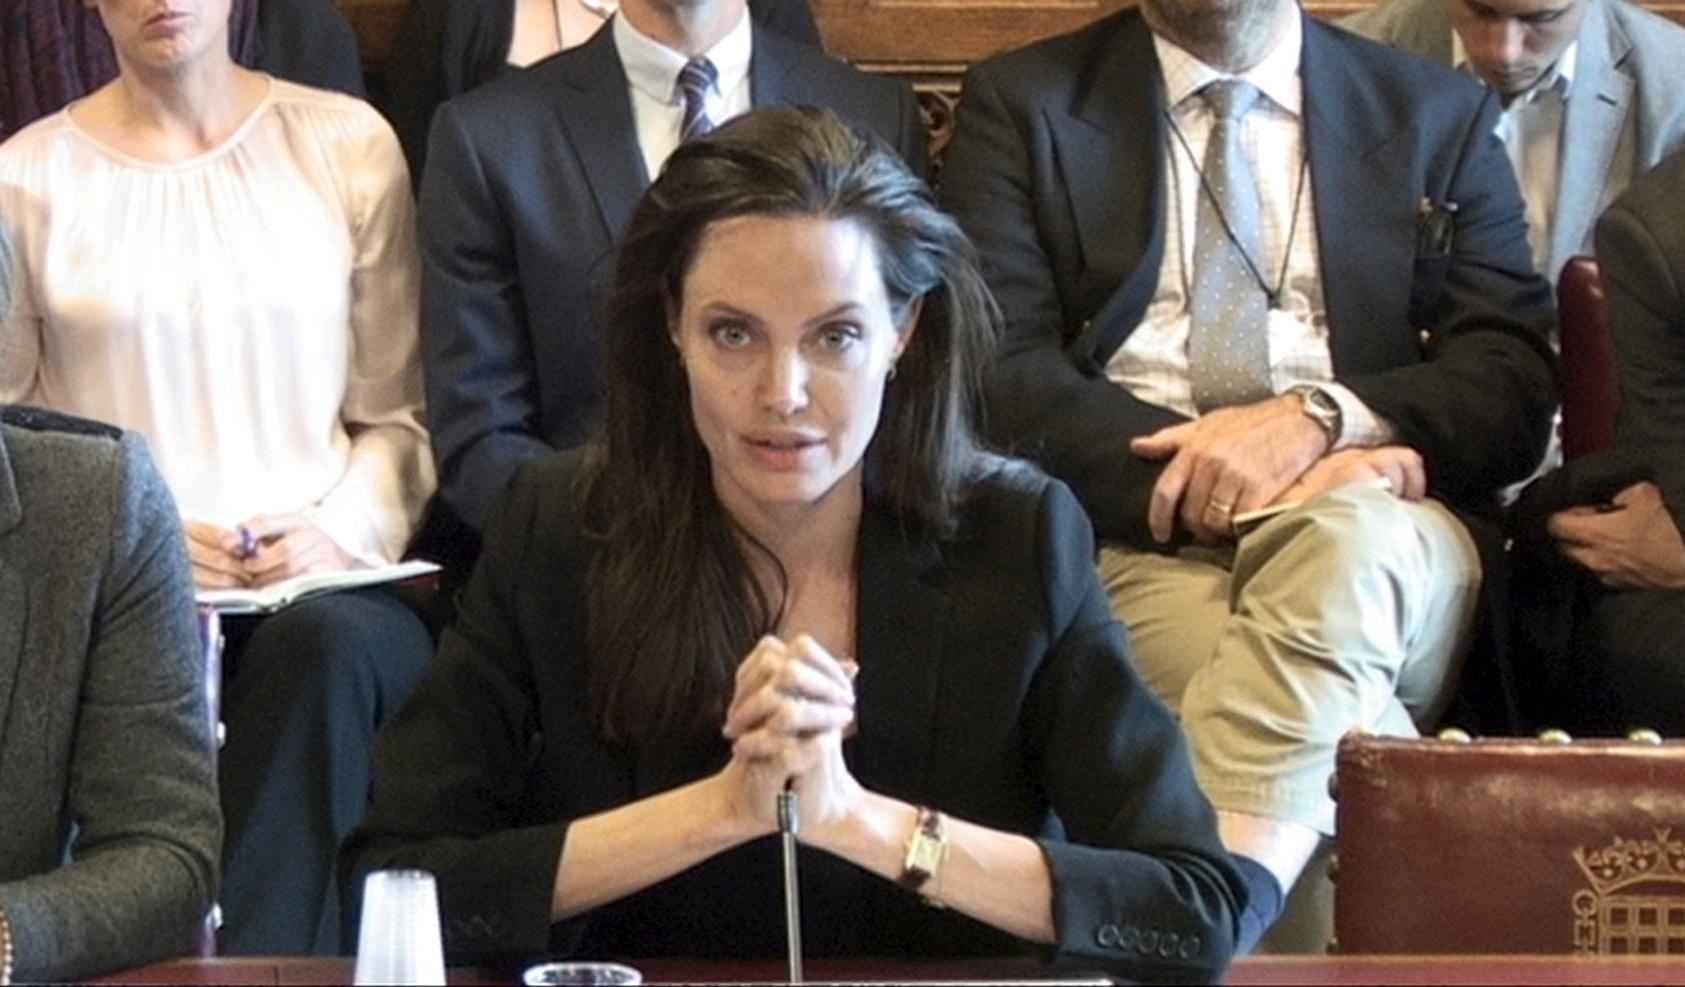 8.set.2015 - A atriz Angelina Jolie, enviada especial do Alto Comissariado das Nações Unidas, fala sobre práticas de prevenção à violência sexual em conflitos, durante audiência na Câmara dos Lordes -- a instância mais alta do parlamento britânico -- em Westminster, Londres